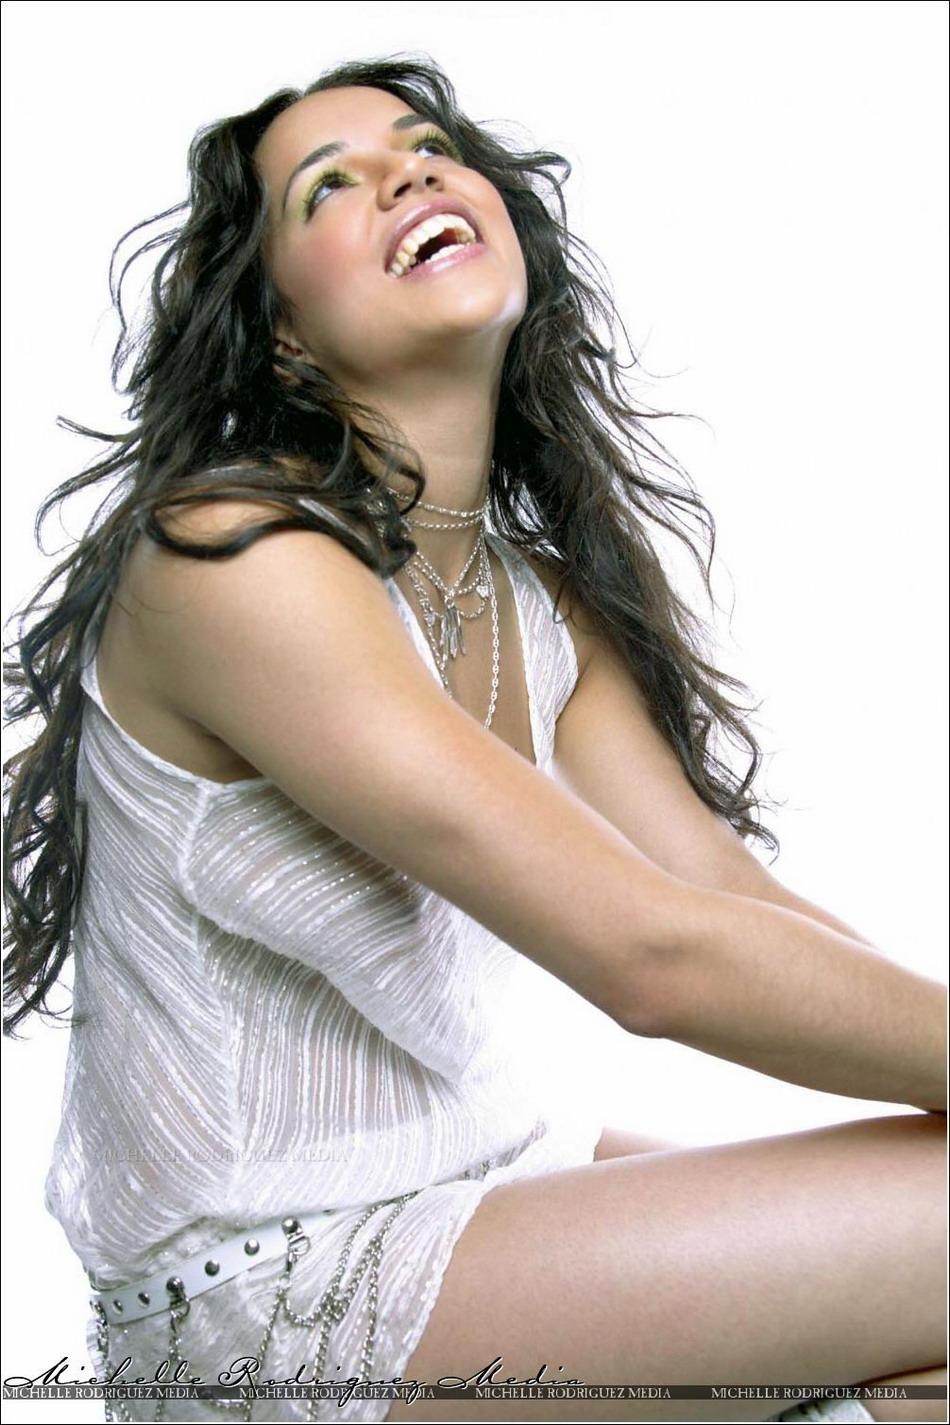 Эротические картинки carlos rodriguez 11 фотография